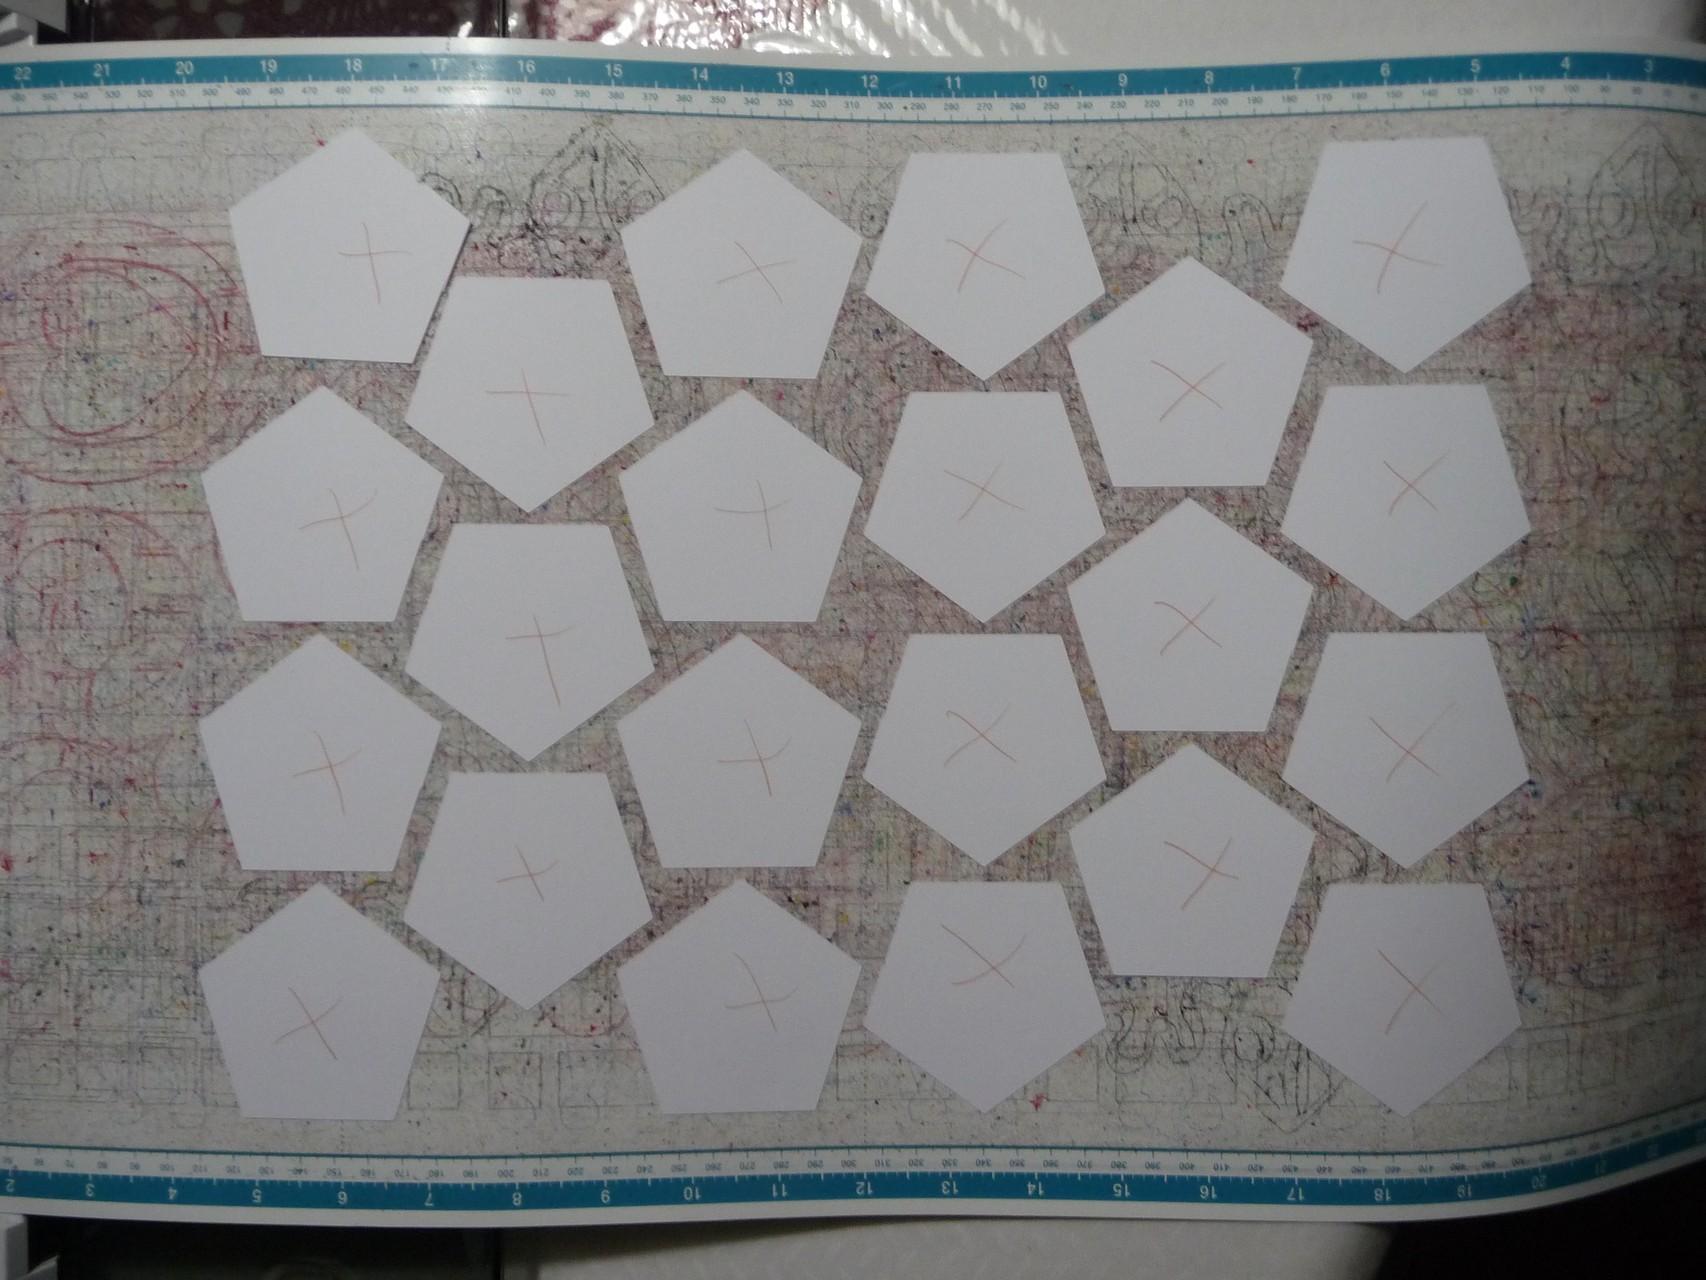 Hier sind 20 große Pentagon ausgeplottert. Bei meiner verbesserten Zeichnung passen sogar 25 Pentagon drauf! Noch weniger Verschnitt!